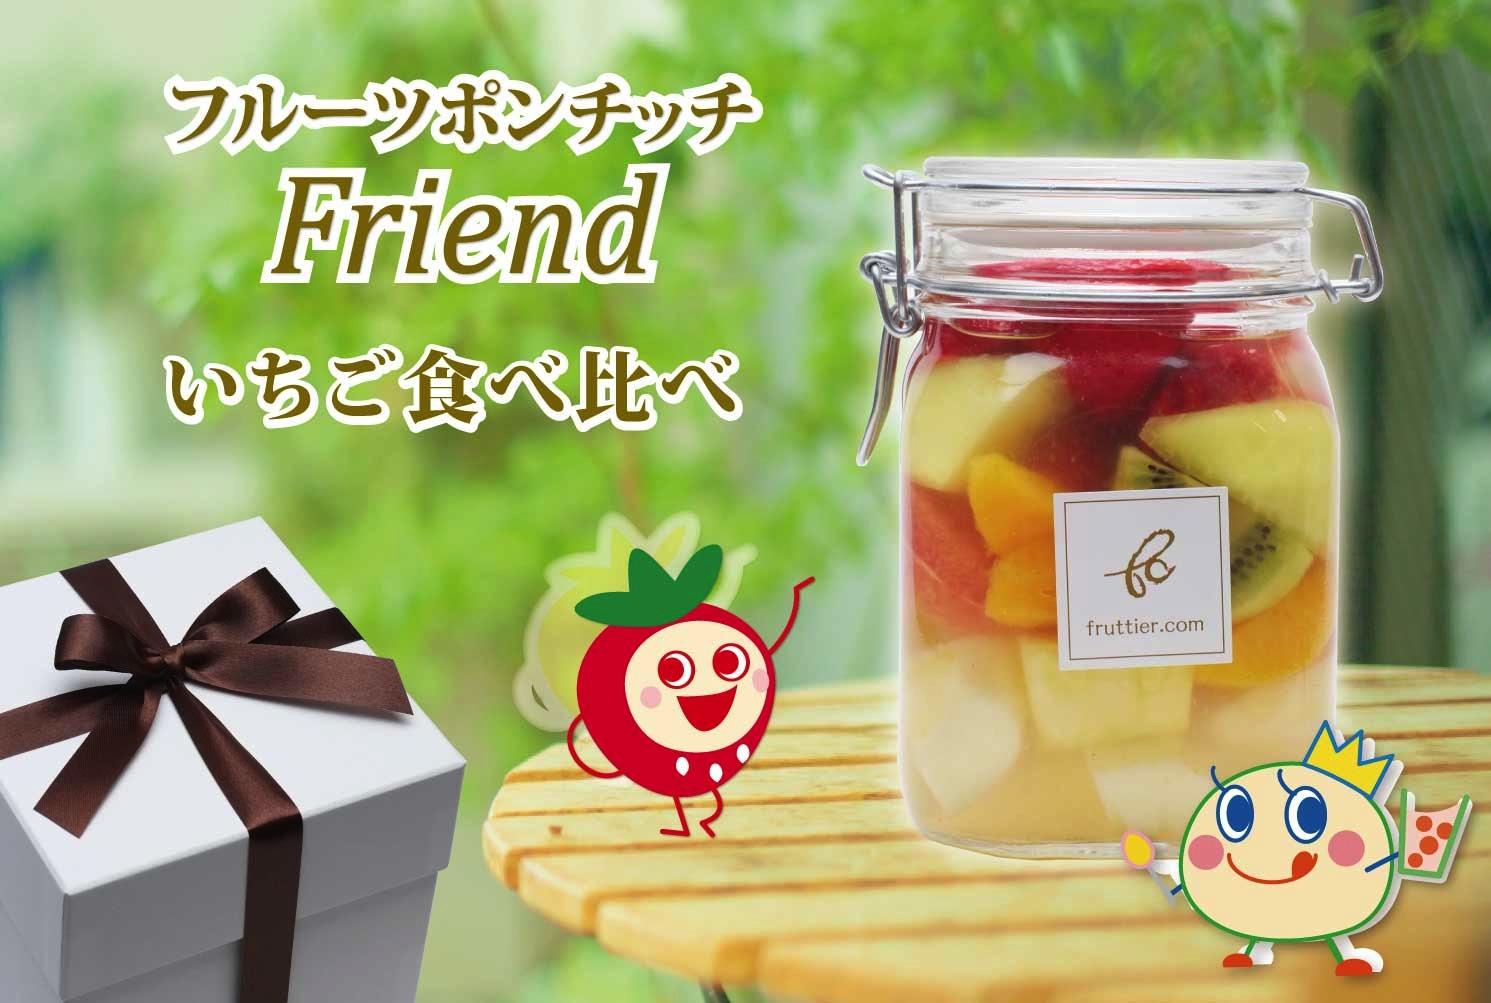 フルーツポンチッチFriend〜いちご食べ比べ